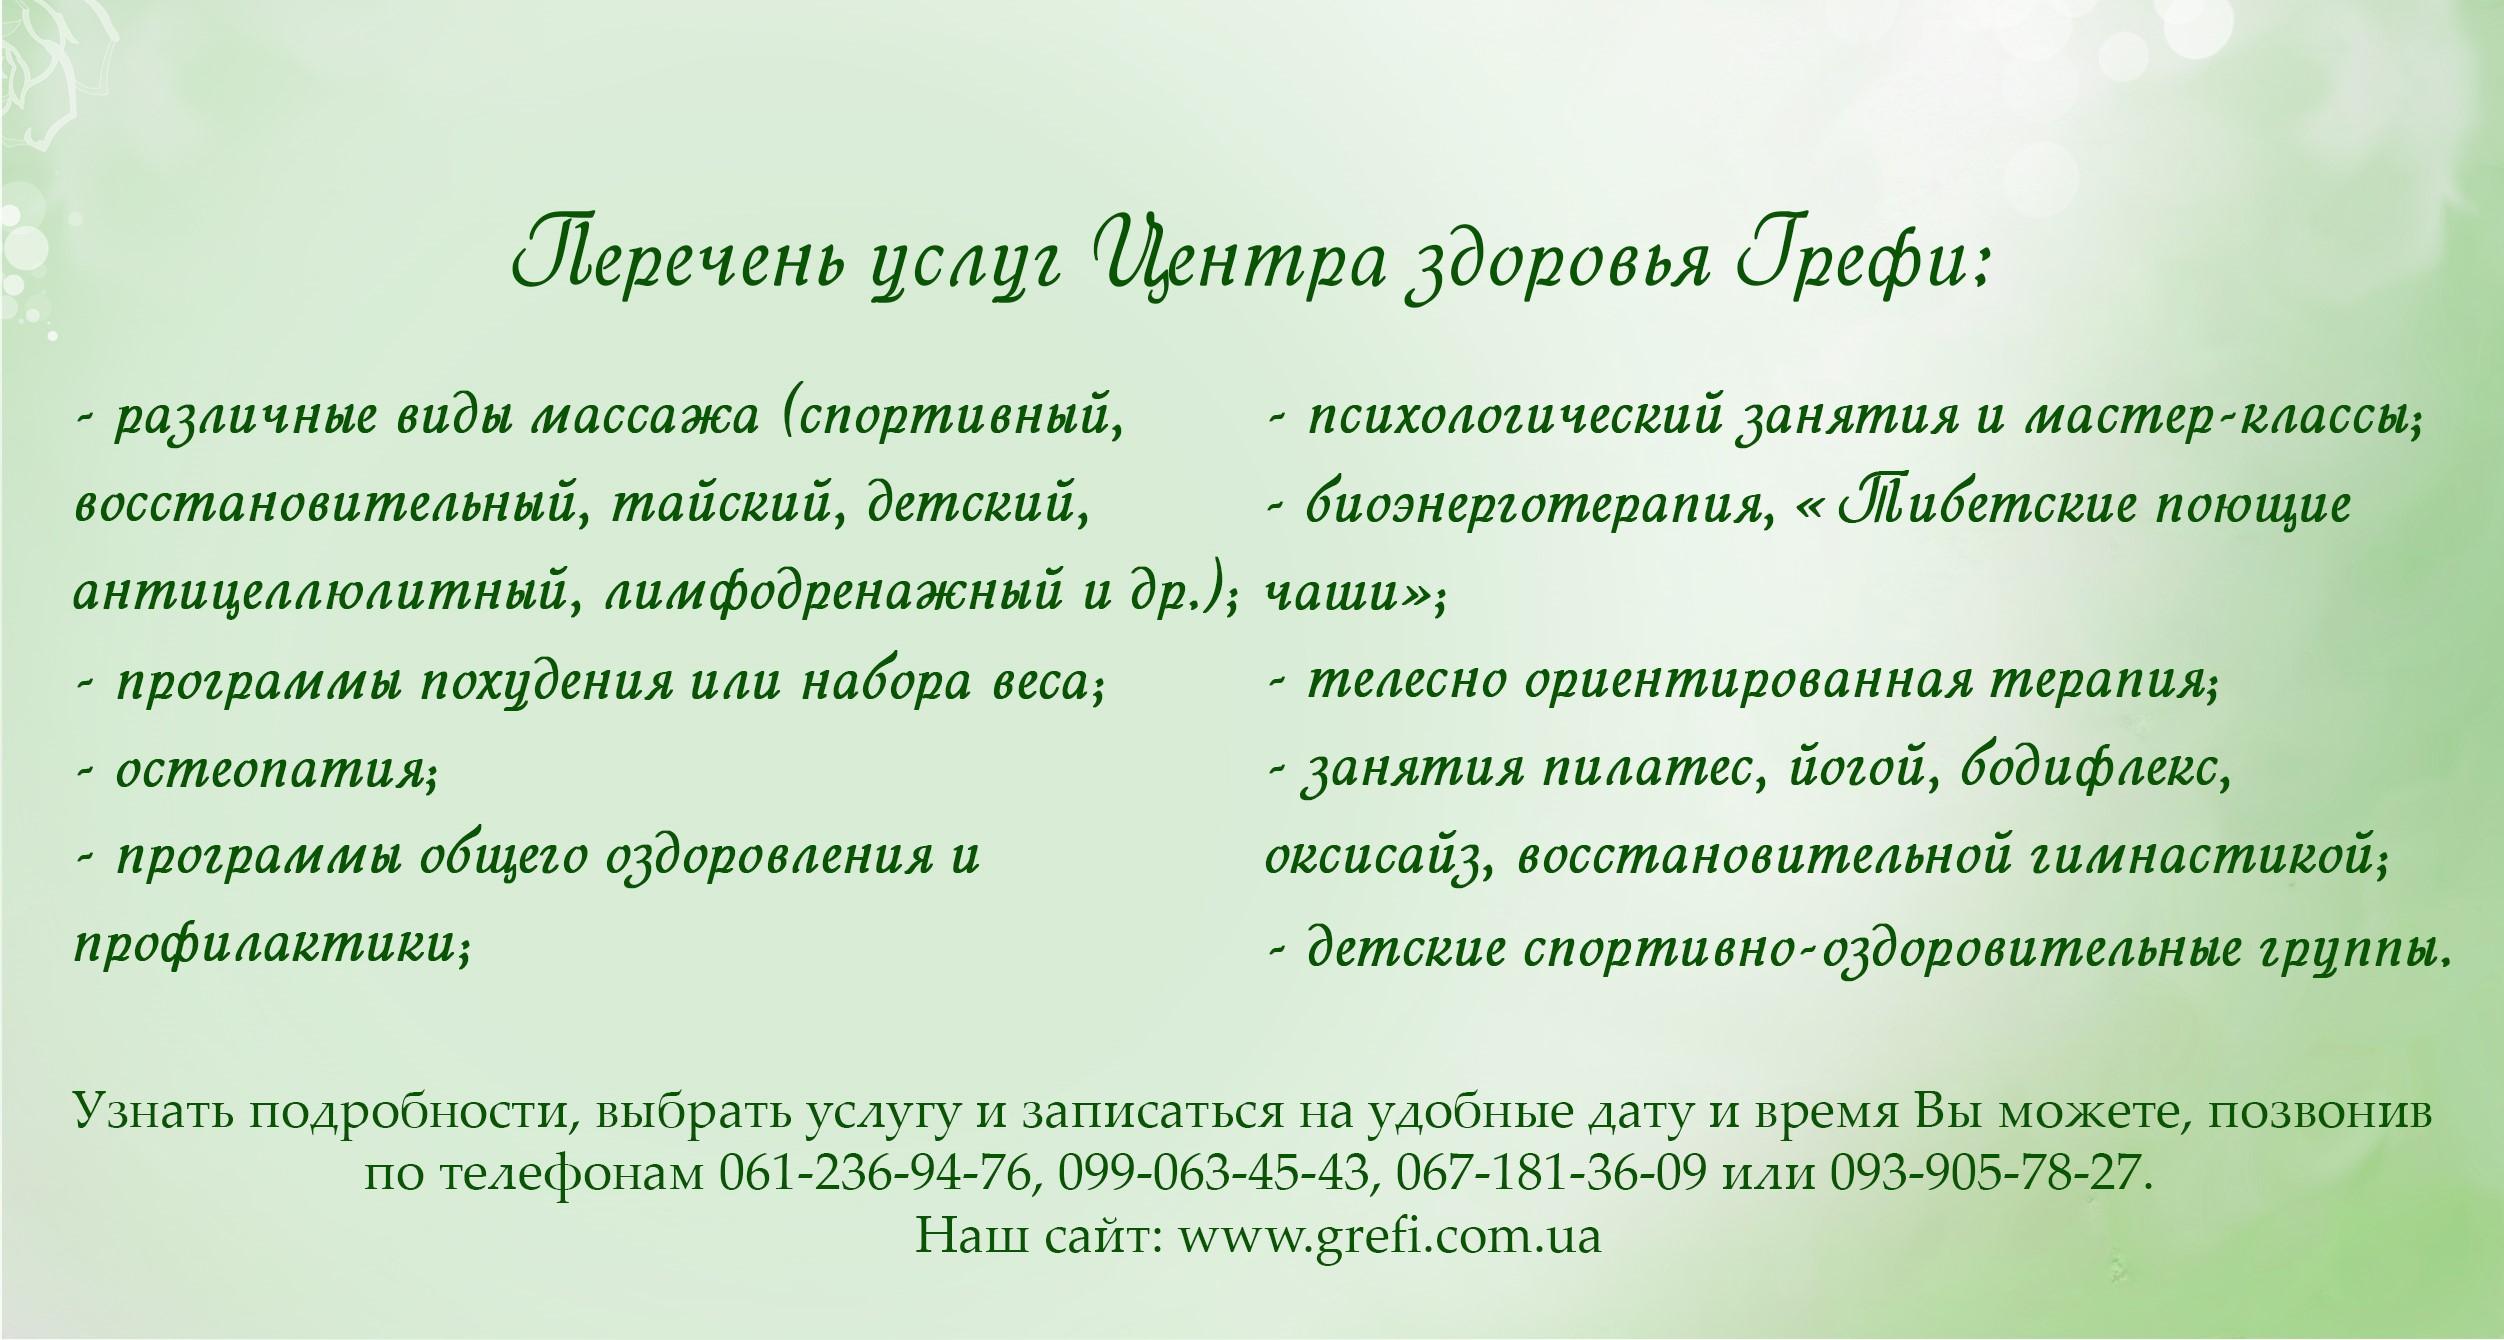 """Подарочный сертификат Центра здоровья """"Грефи"""". перечень услуг"""